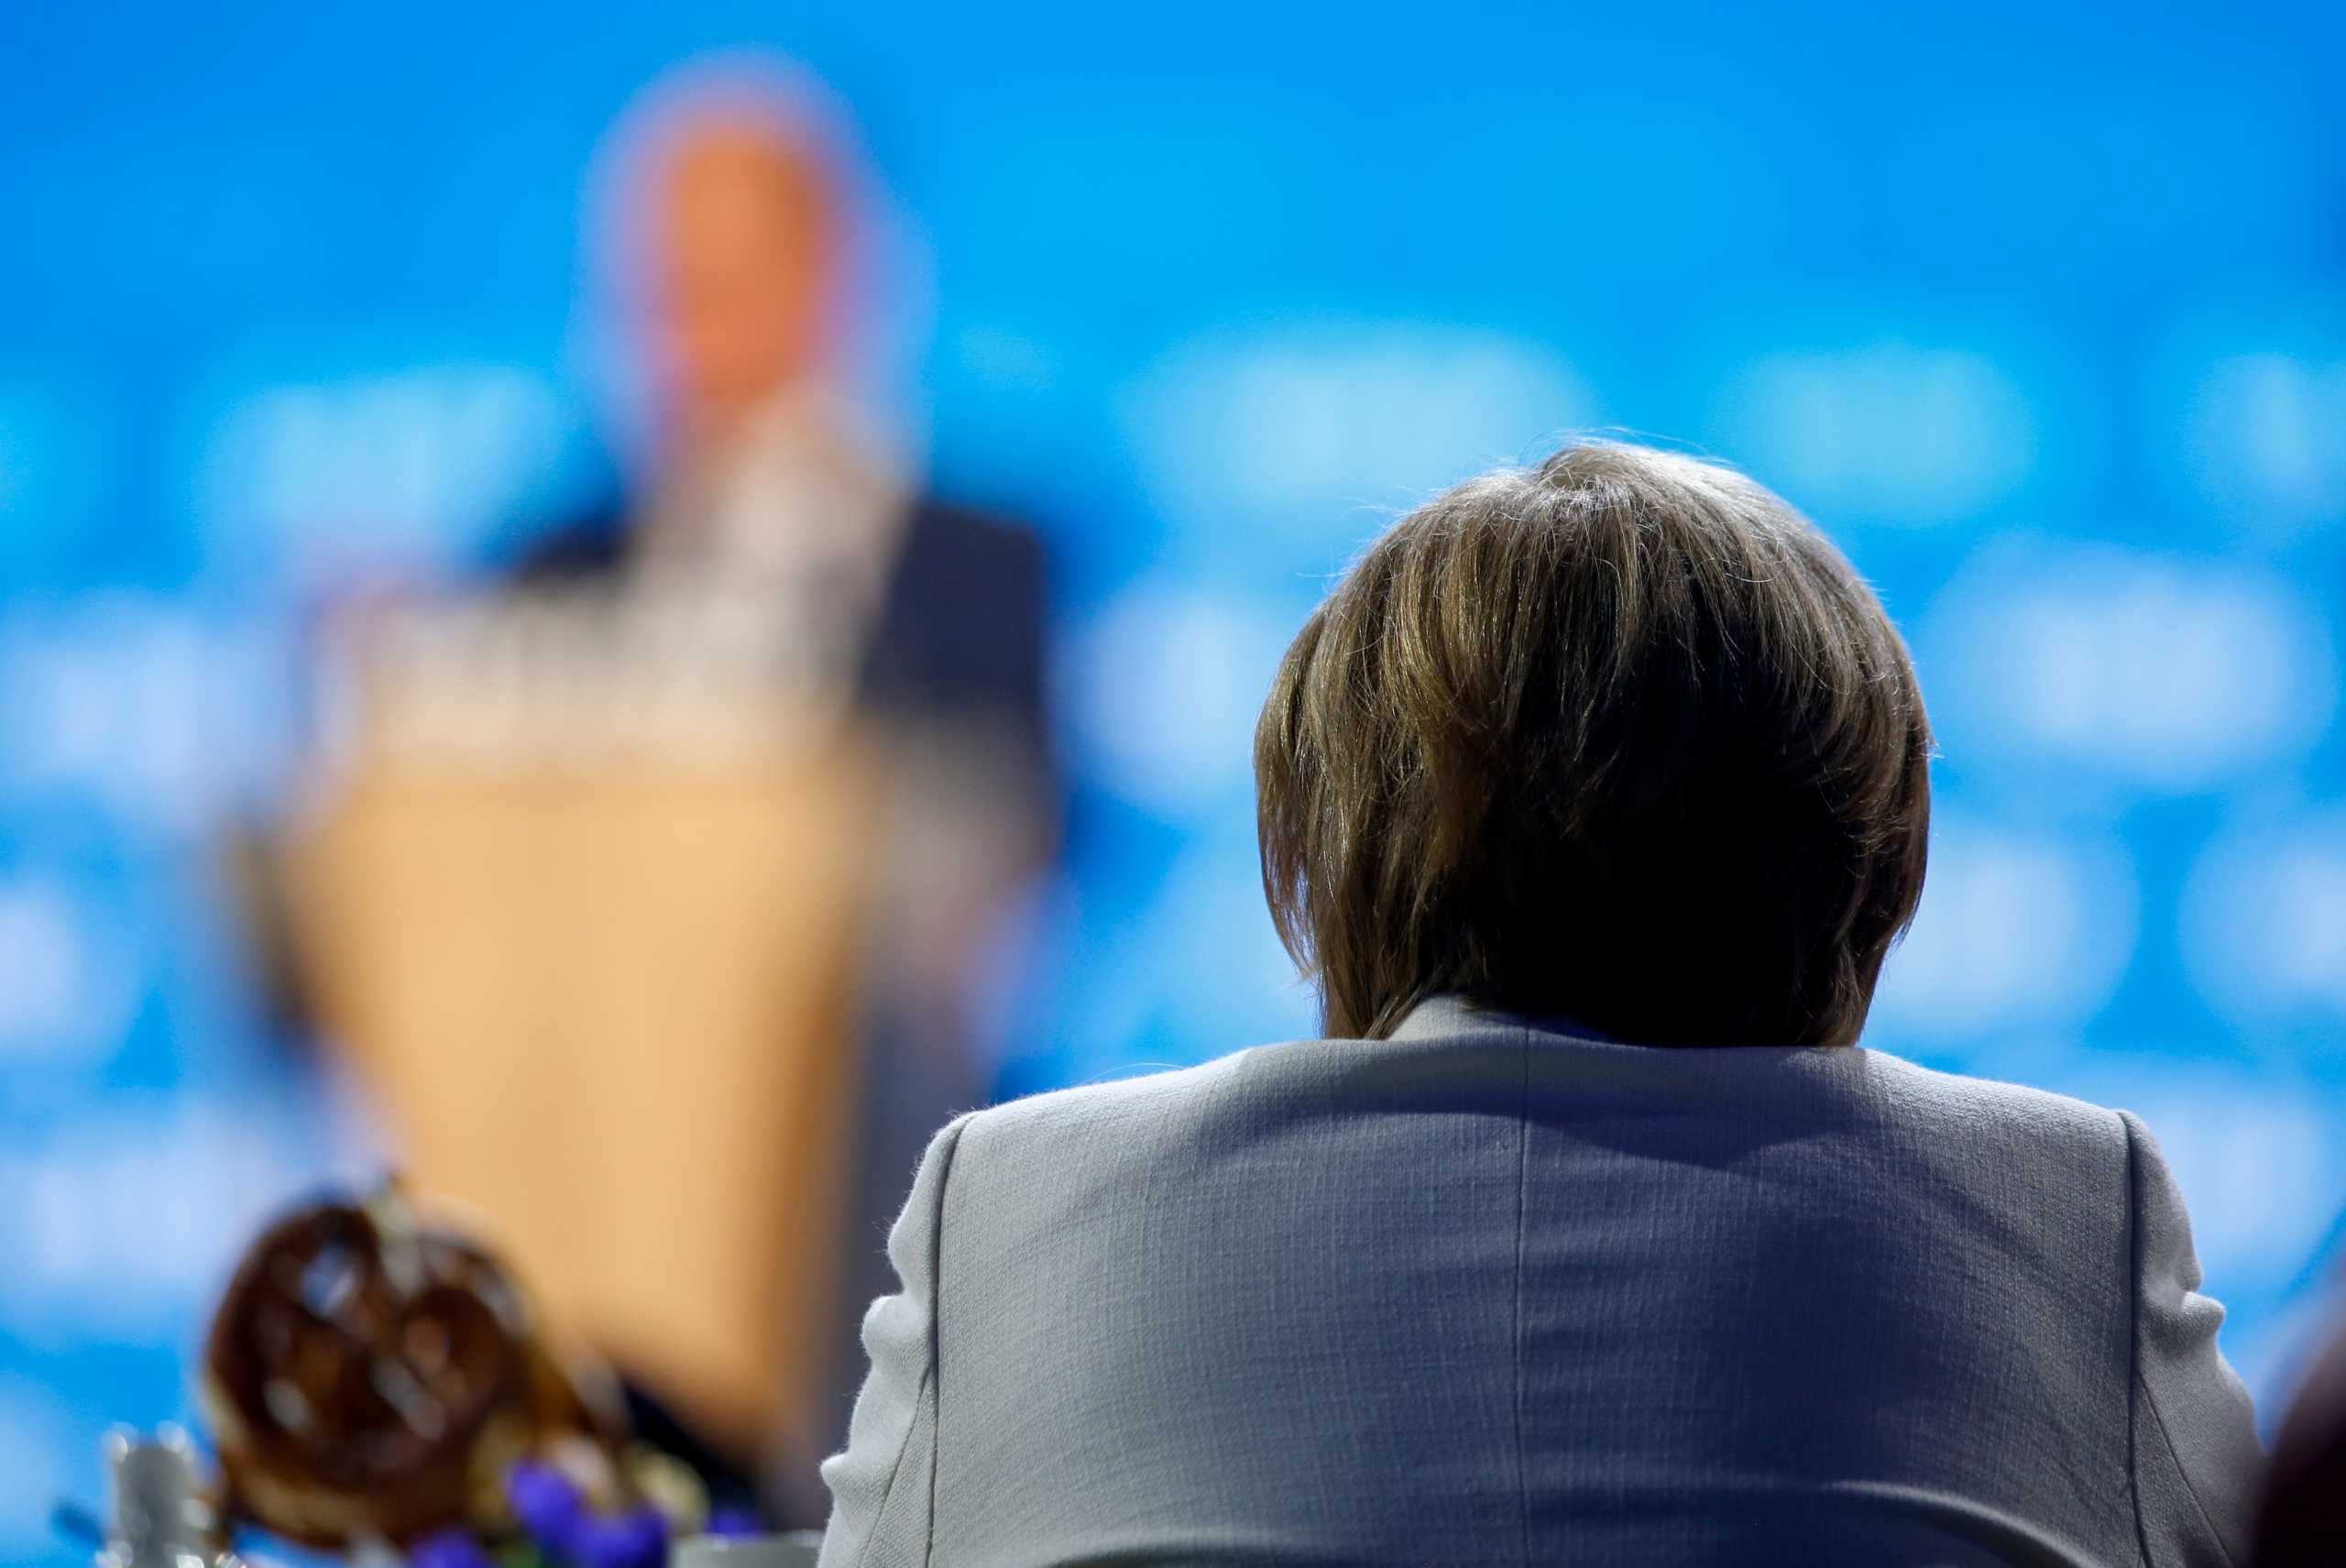 Εκλογές στη Γερμανία: Αμφίρροπη αναμέτρηση μετά το τέλος εποχής για την Άνγκελα Μέρκελ